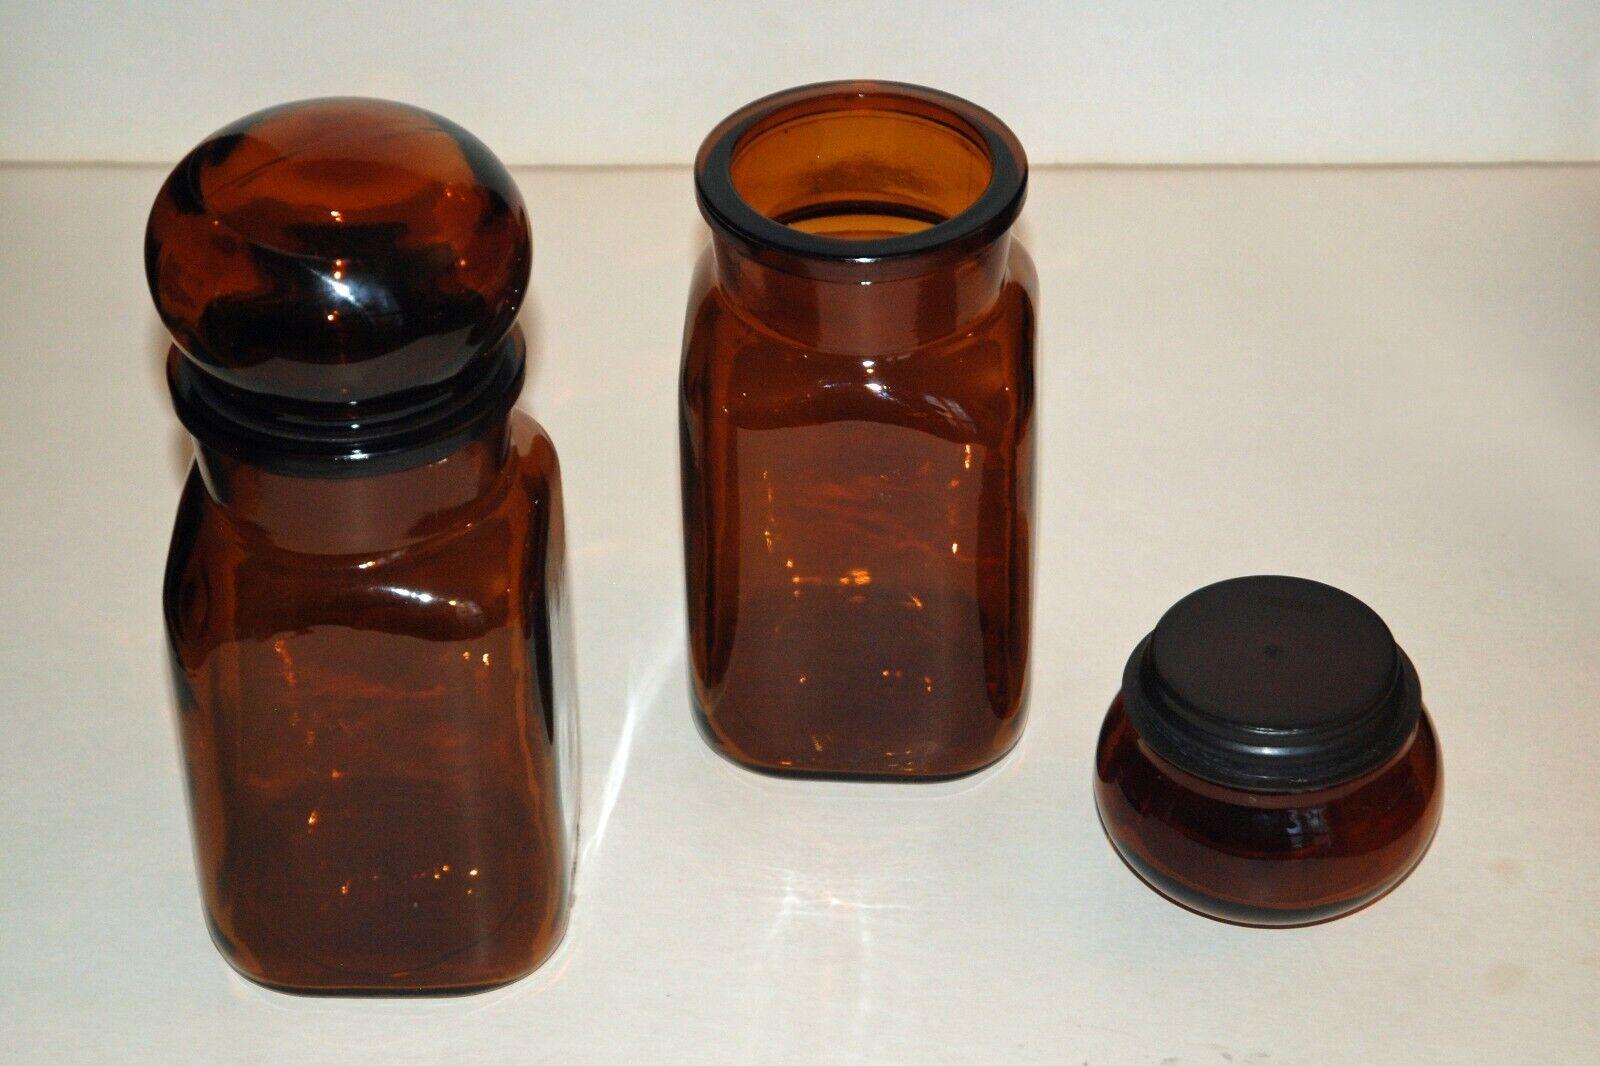 deux bocaux en verre ambré marron - vintage - 9 x 9, haut. 22 avec couvercle